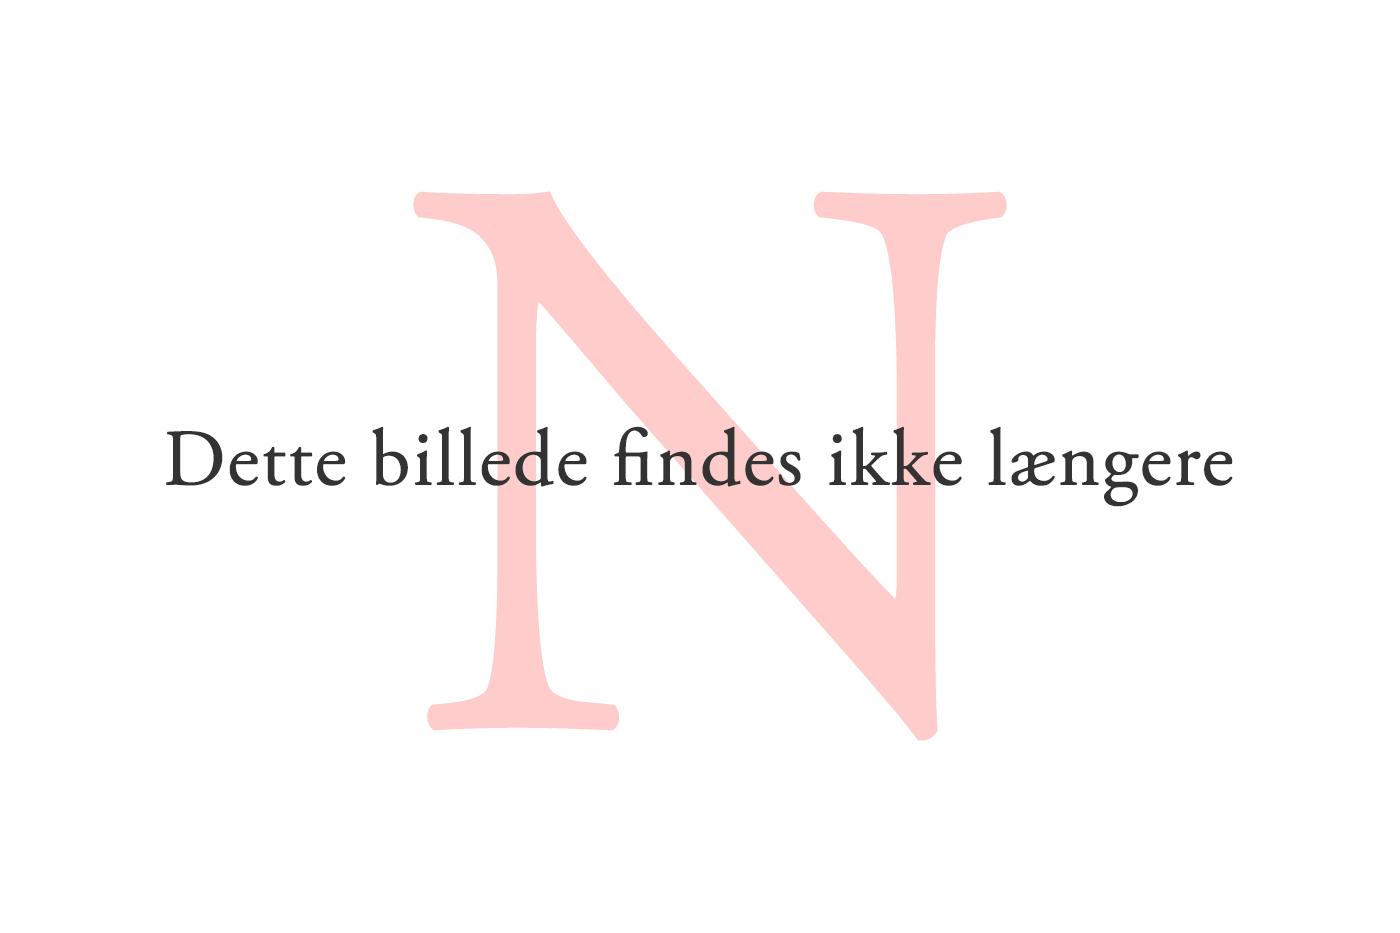 Dansk kulturarv er en synkende skude